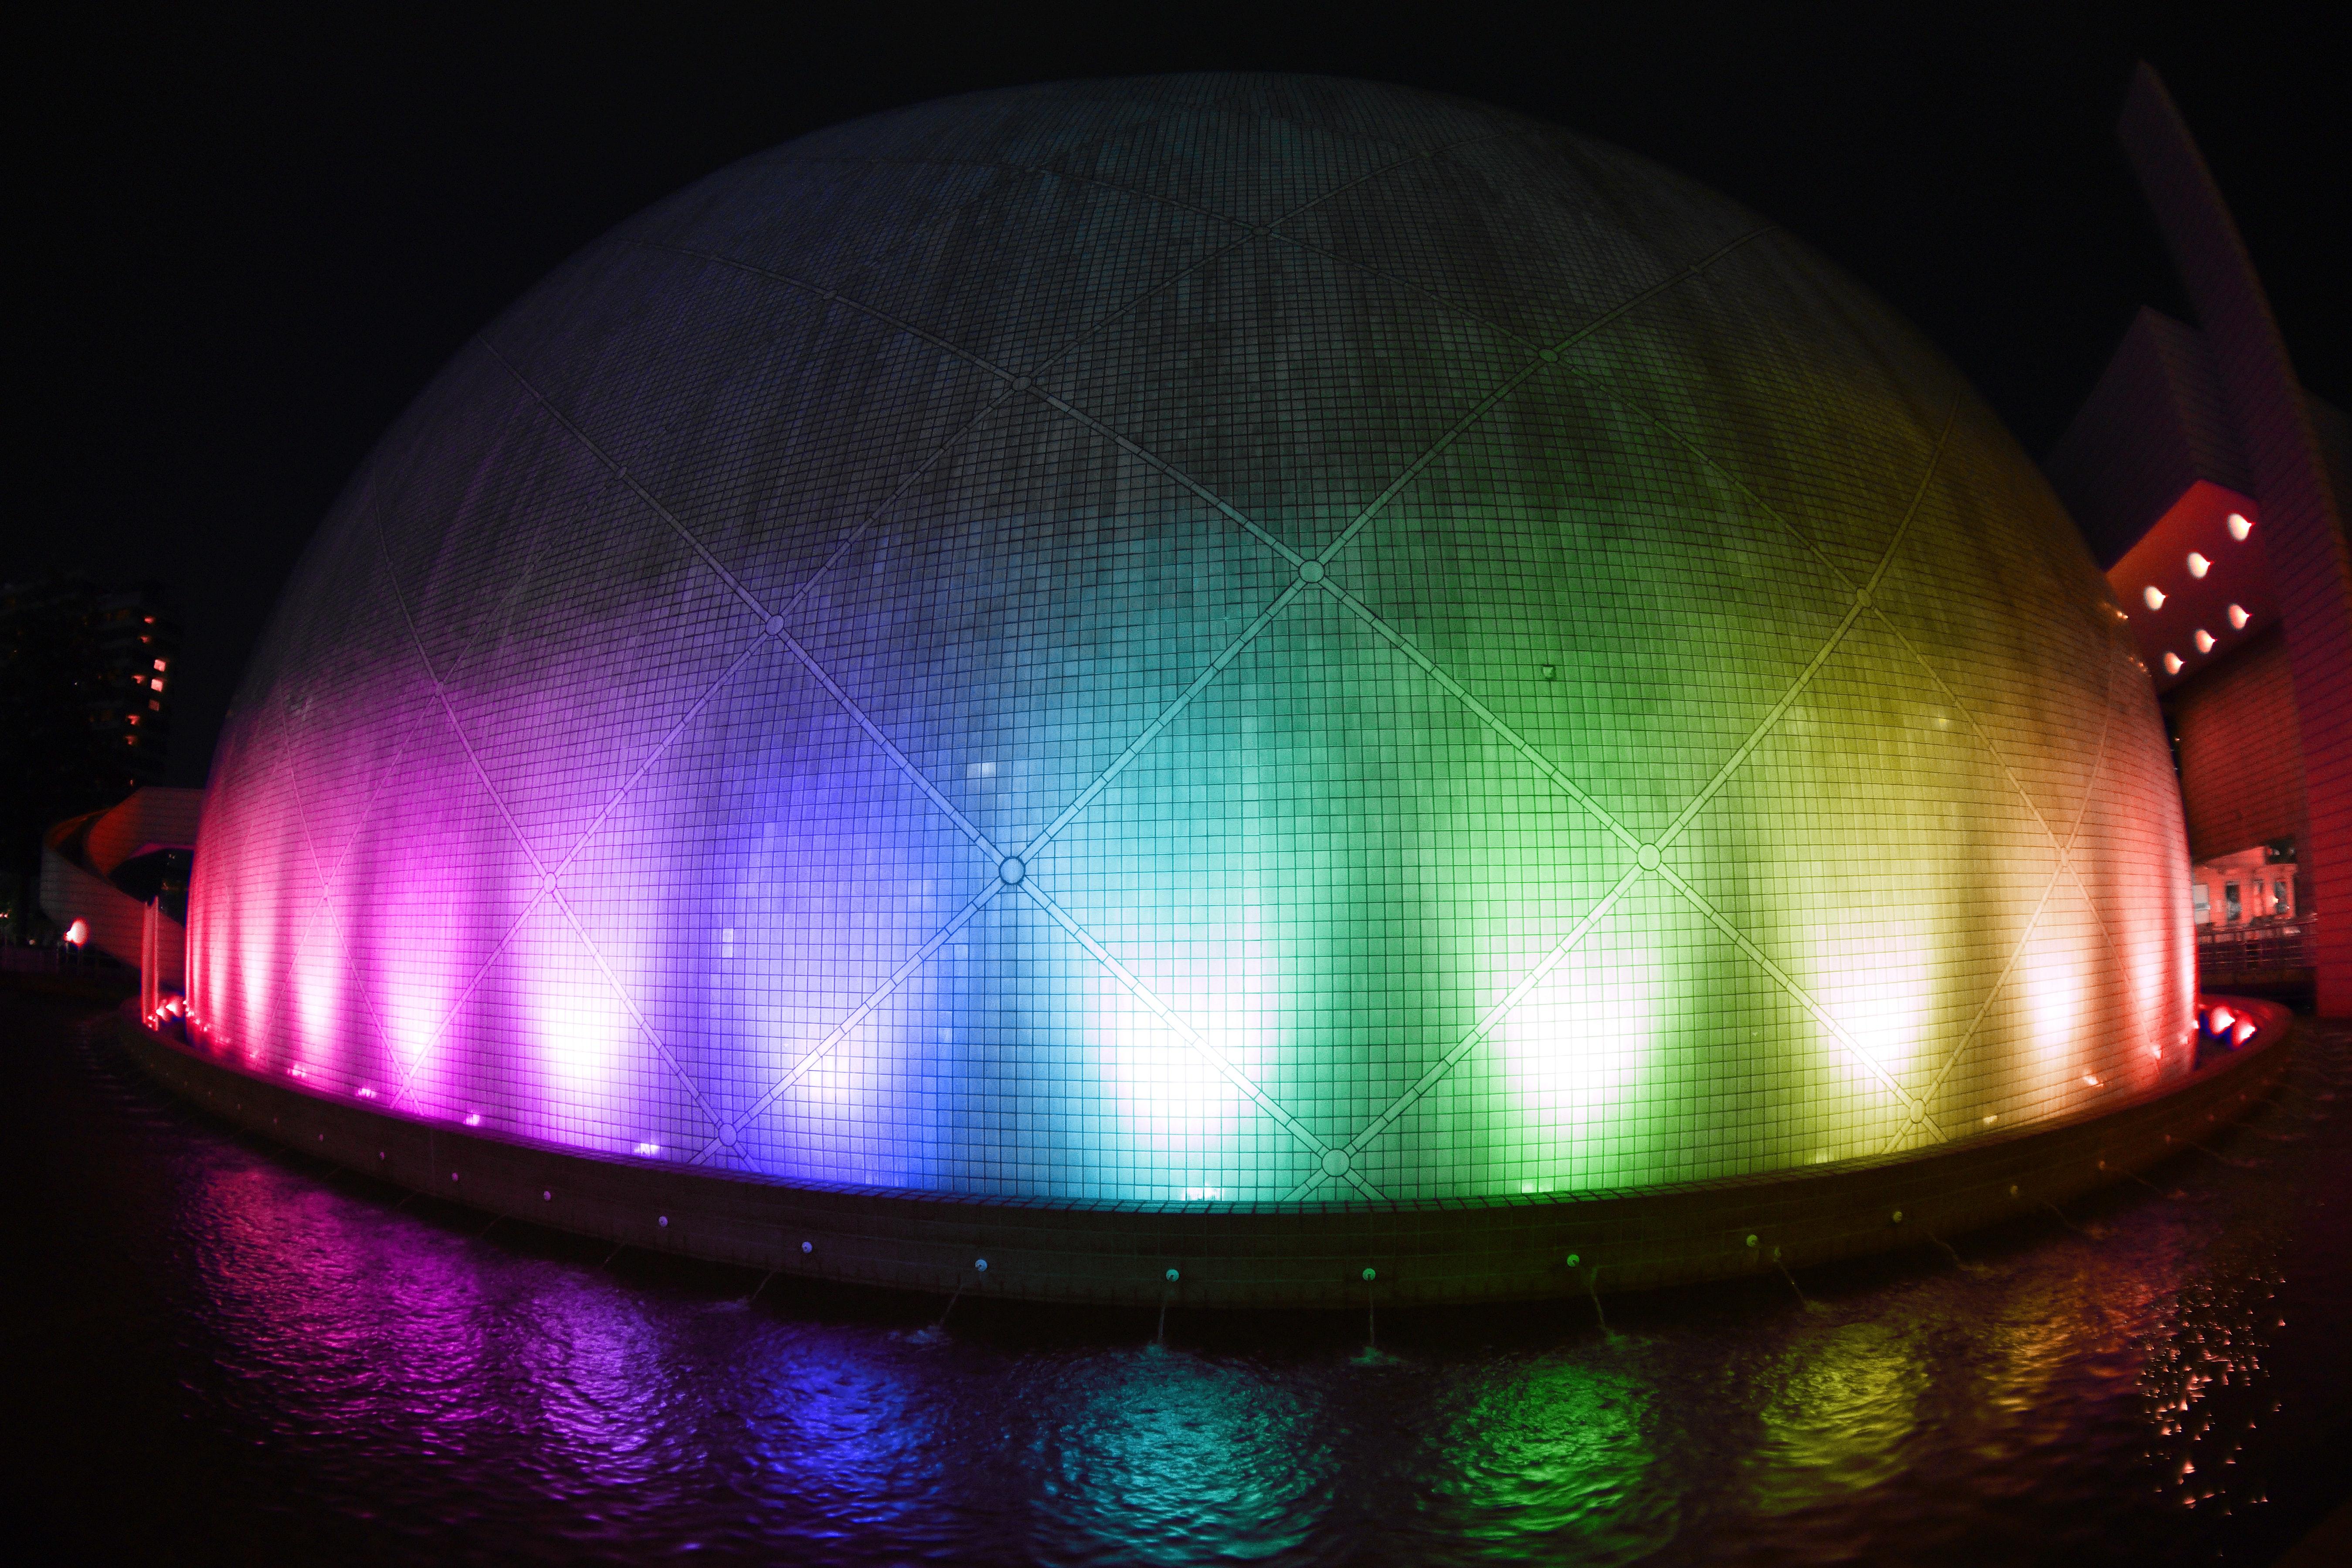 Turned on multicolored led lights photo